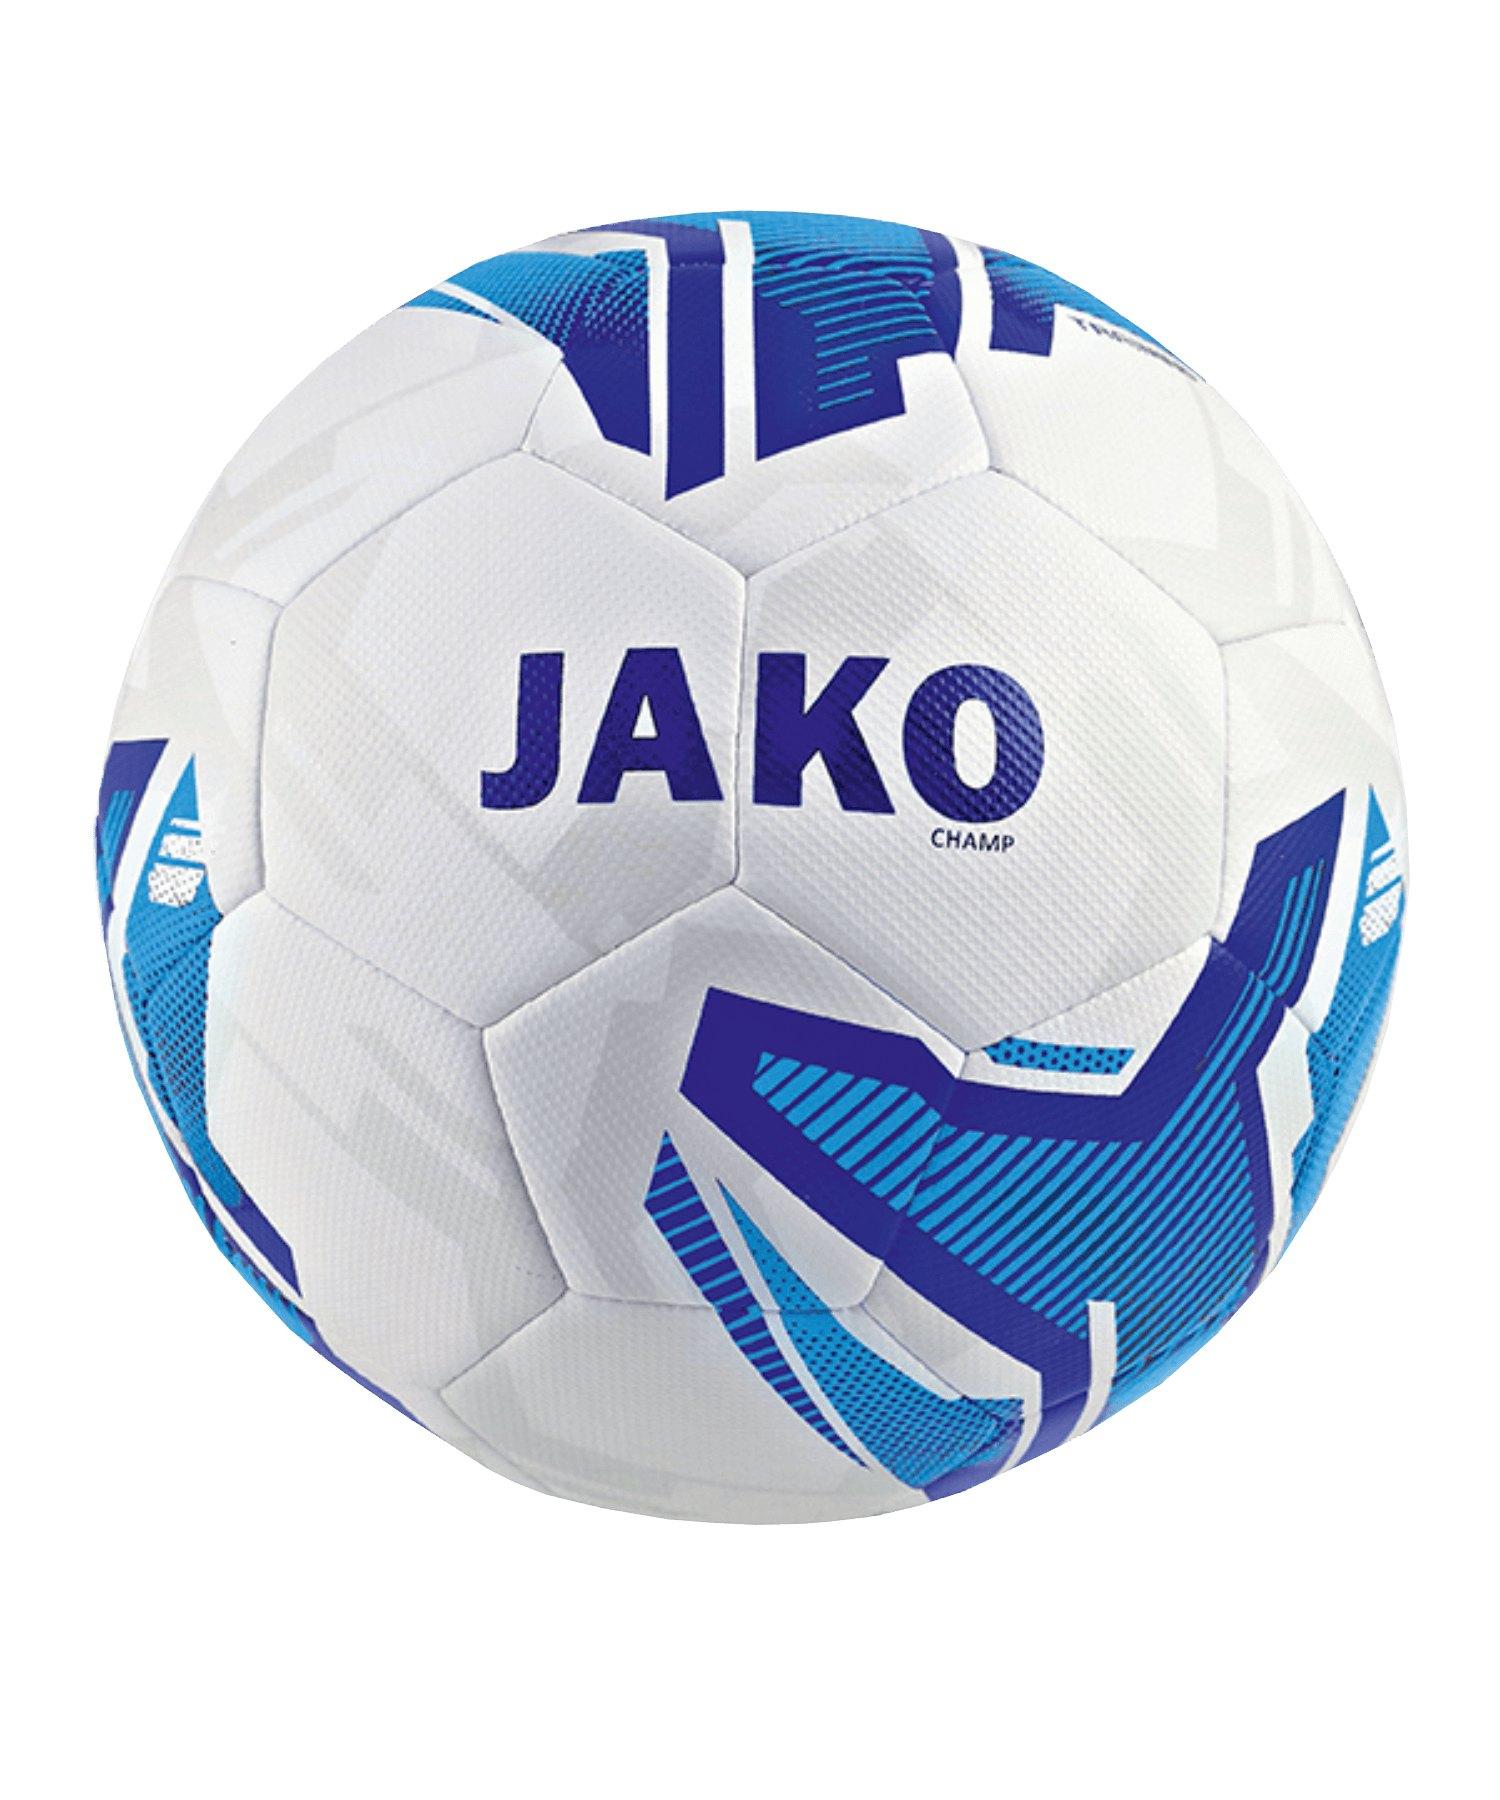 JAKO Champ Lightball Hybrid 290 Gr. Gr.5 Weiss F04 - weiss